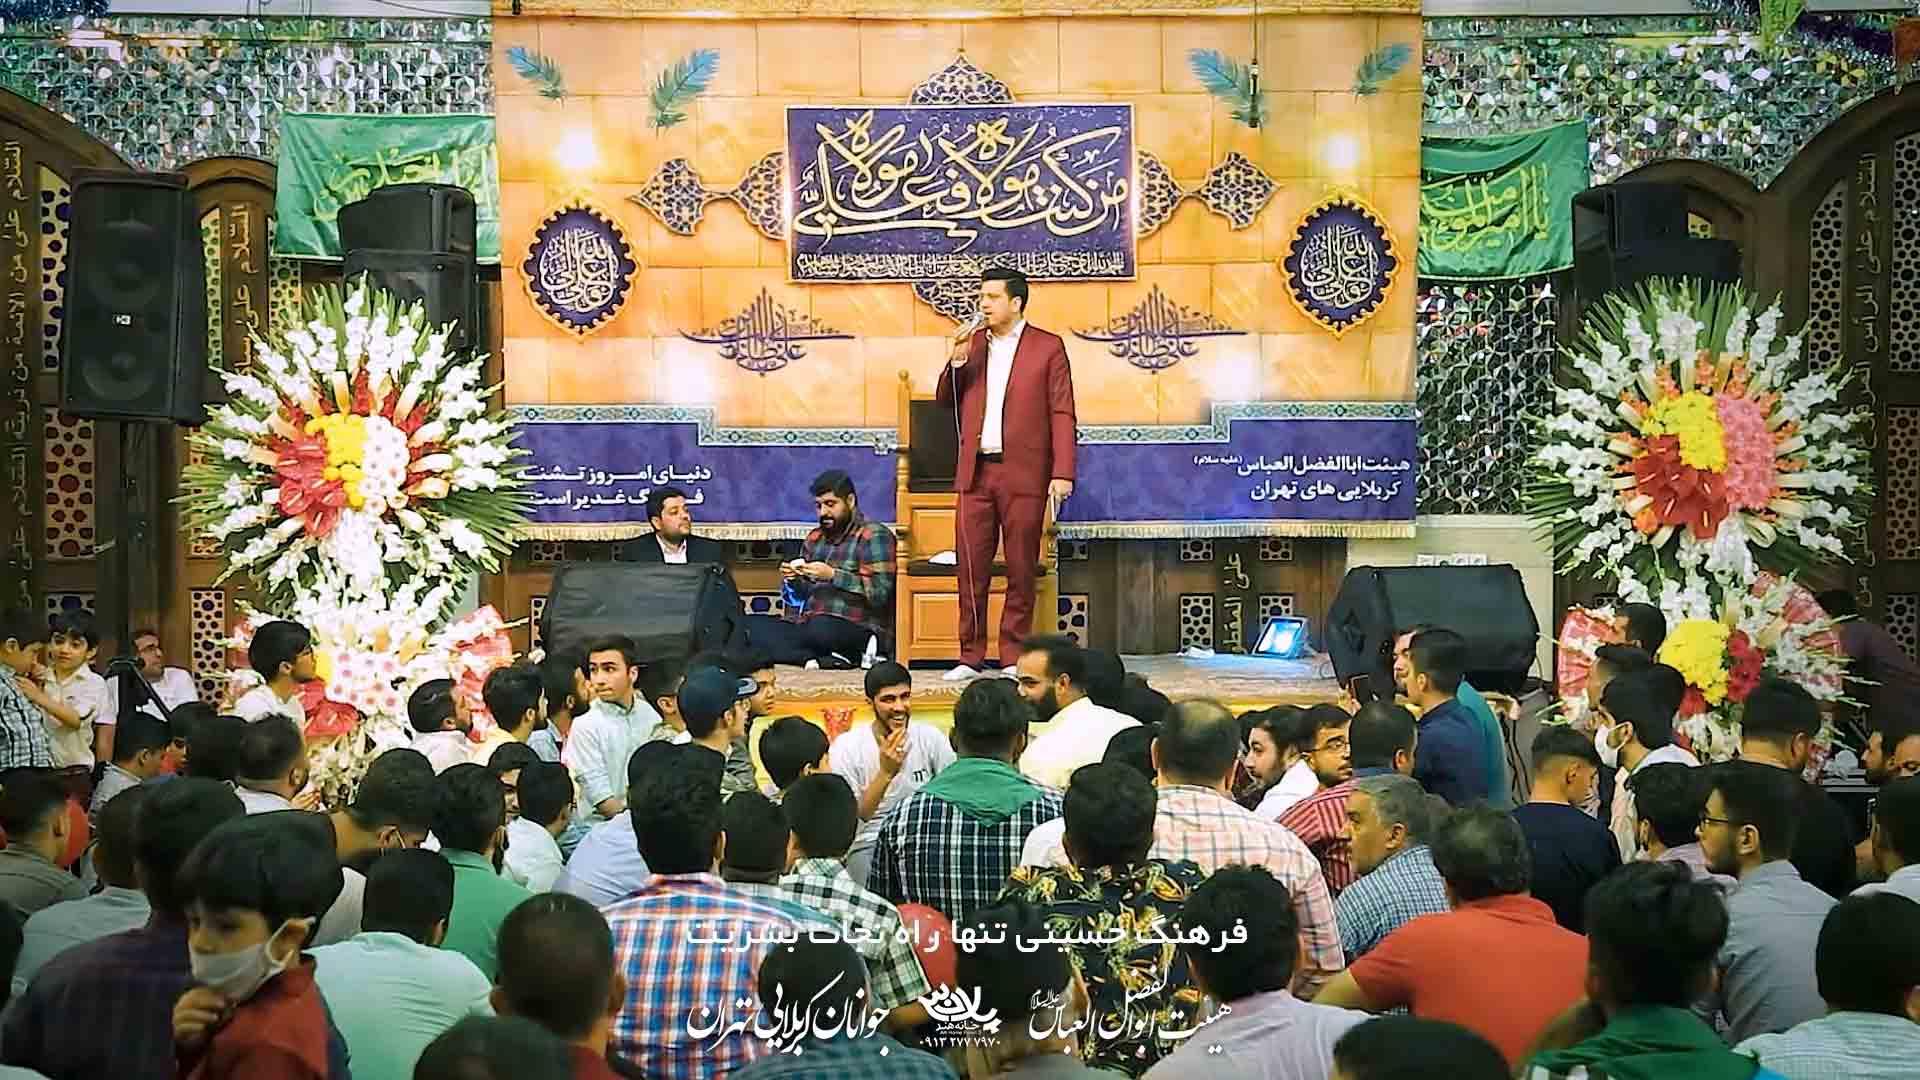 علی ذکر لبم محمدرضا ناصری